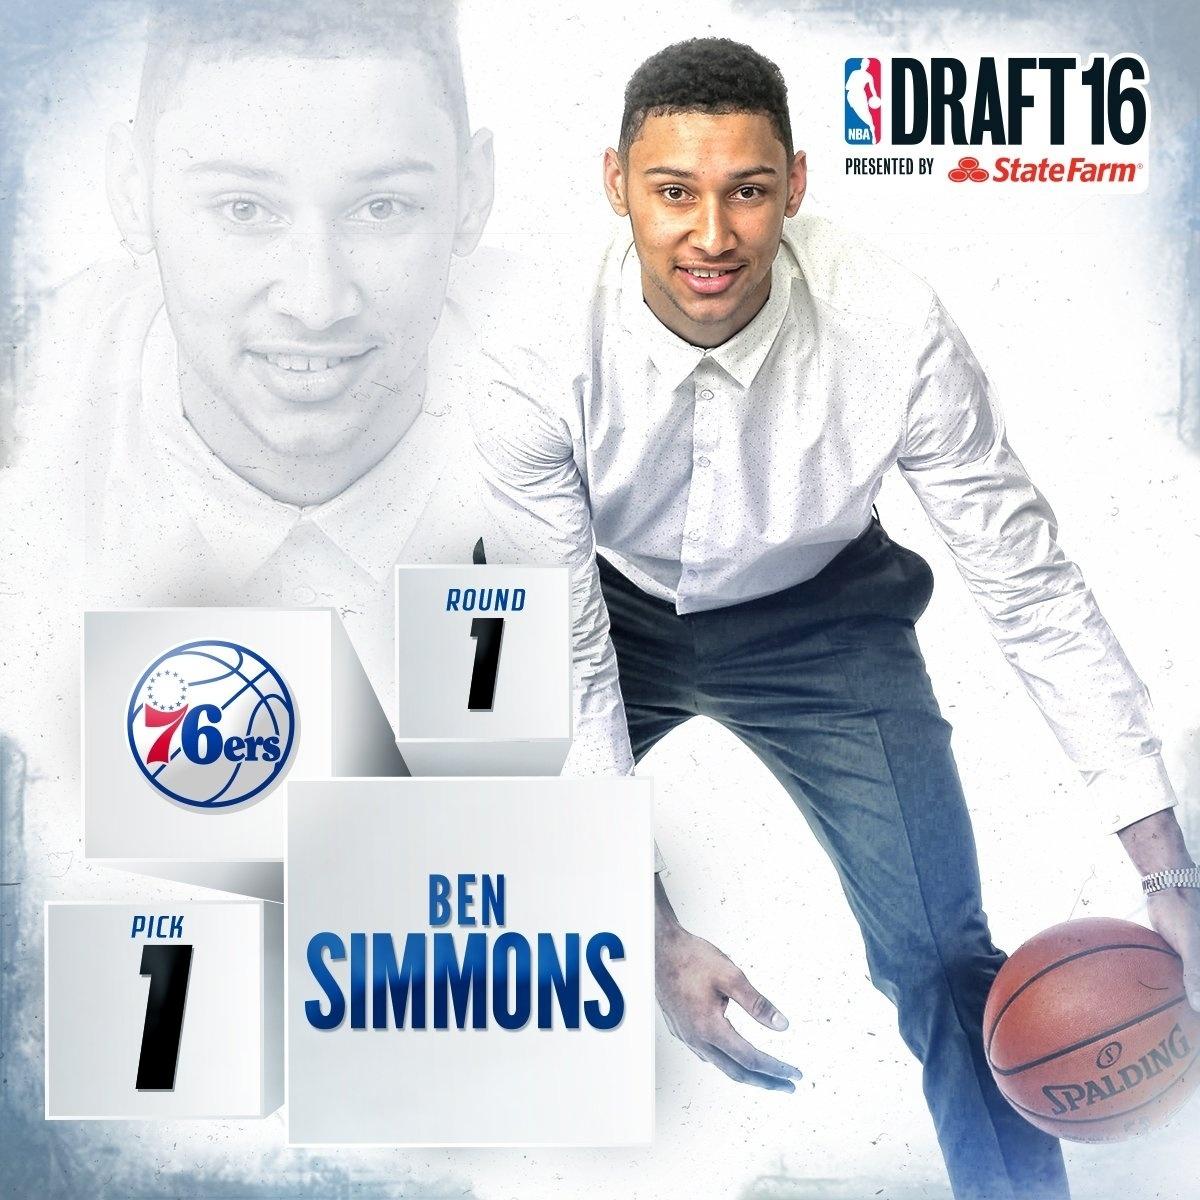 270d42407 Ala australiano é escolhido como 1º do draft da NBA pelo Philadelphia 76ers  - 24 06 2016 - UOL Esporte